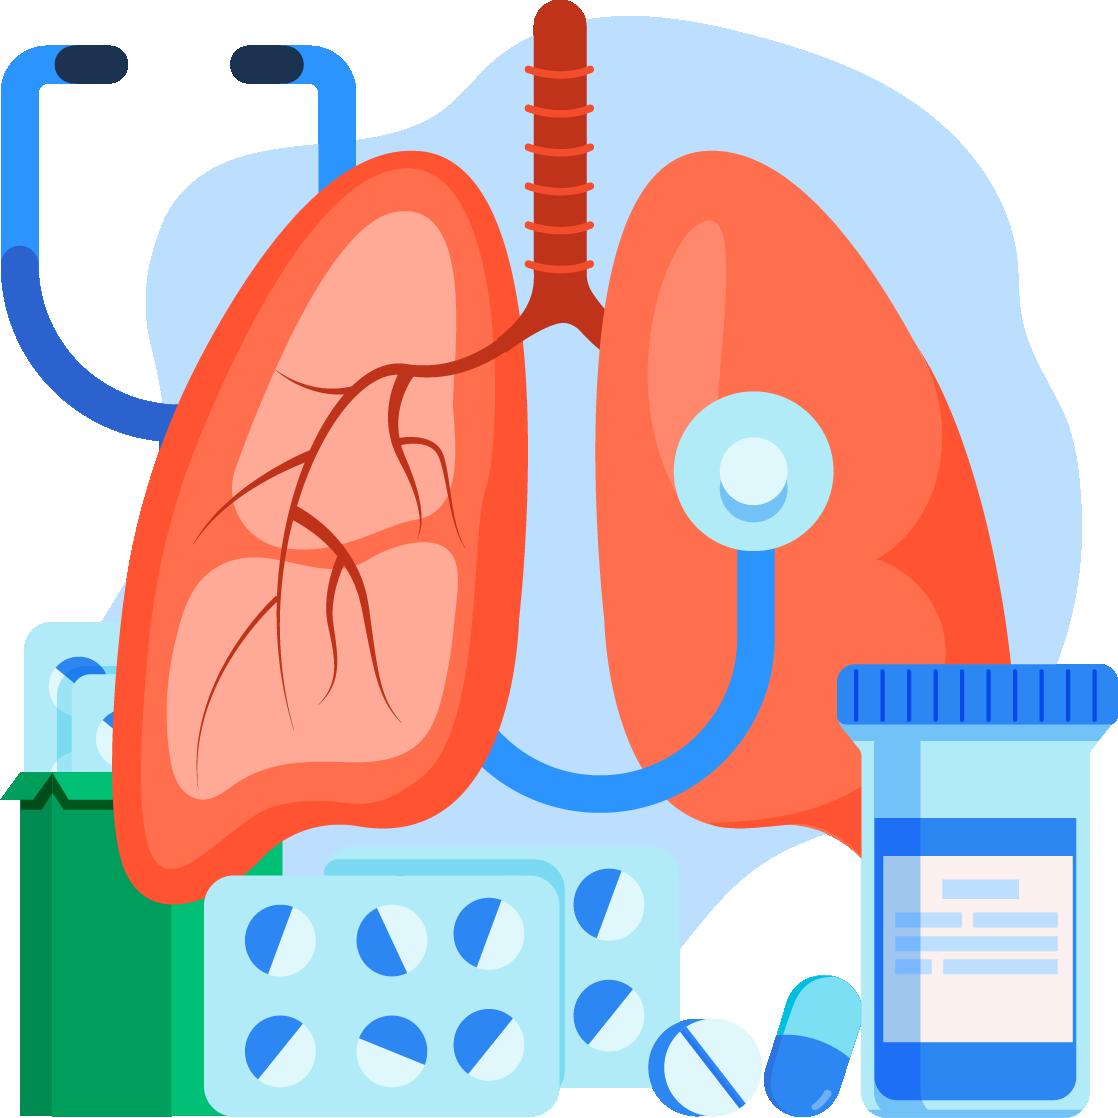 Bạn cho rằng mình có thể mắc COPD?